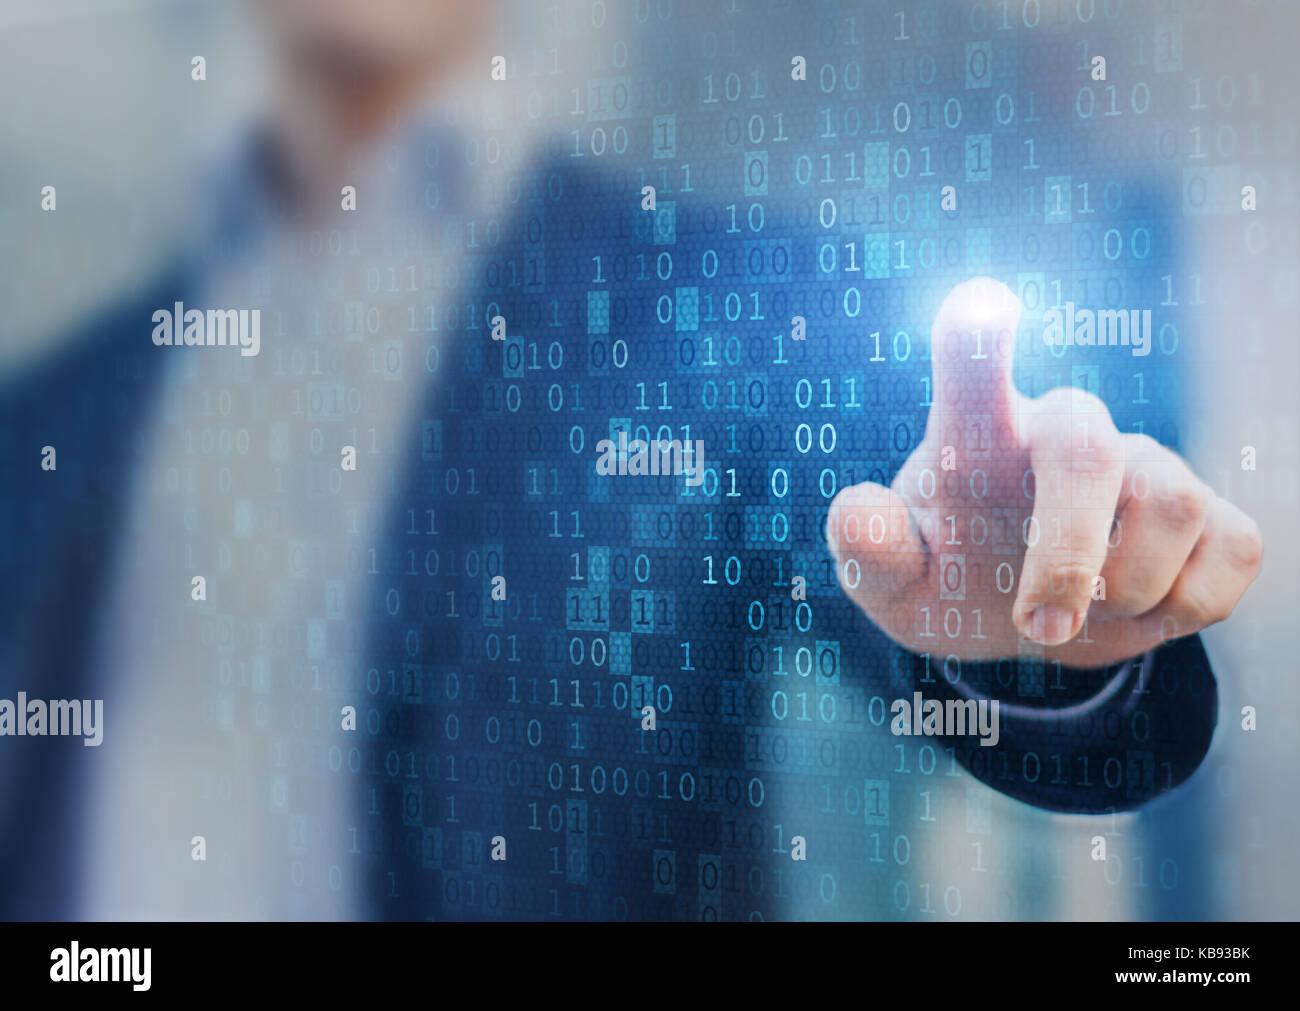 Gran cantidad de datos y estadísticas de Business Analytics, concepto con el flujo o la secuencia de código Imagen De Stock